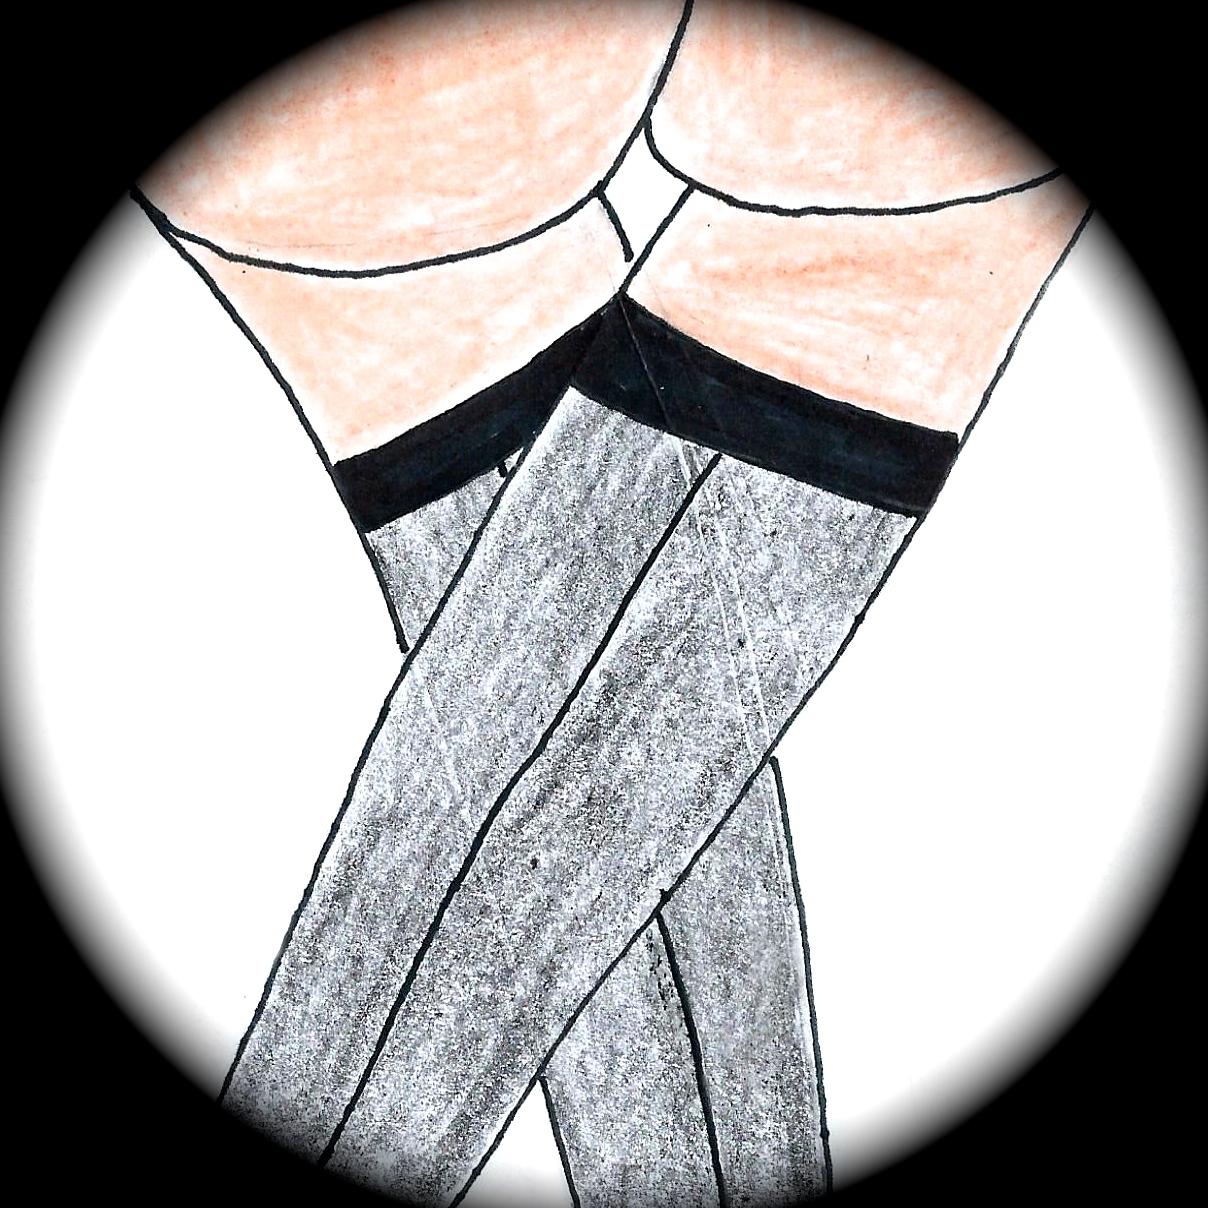 Hommage à dos, James, les écarts de james, texte érotique, James & Cie, James et compagnie, james et cie, James & Cie les écarts, james et cie les écarts, james et compagnie les écarts, illustration, Romain Ravenel,